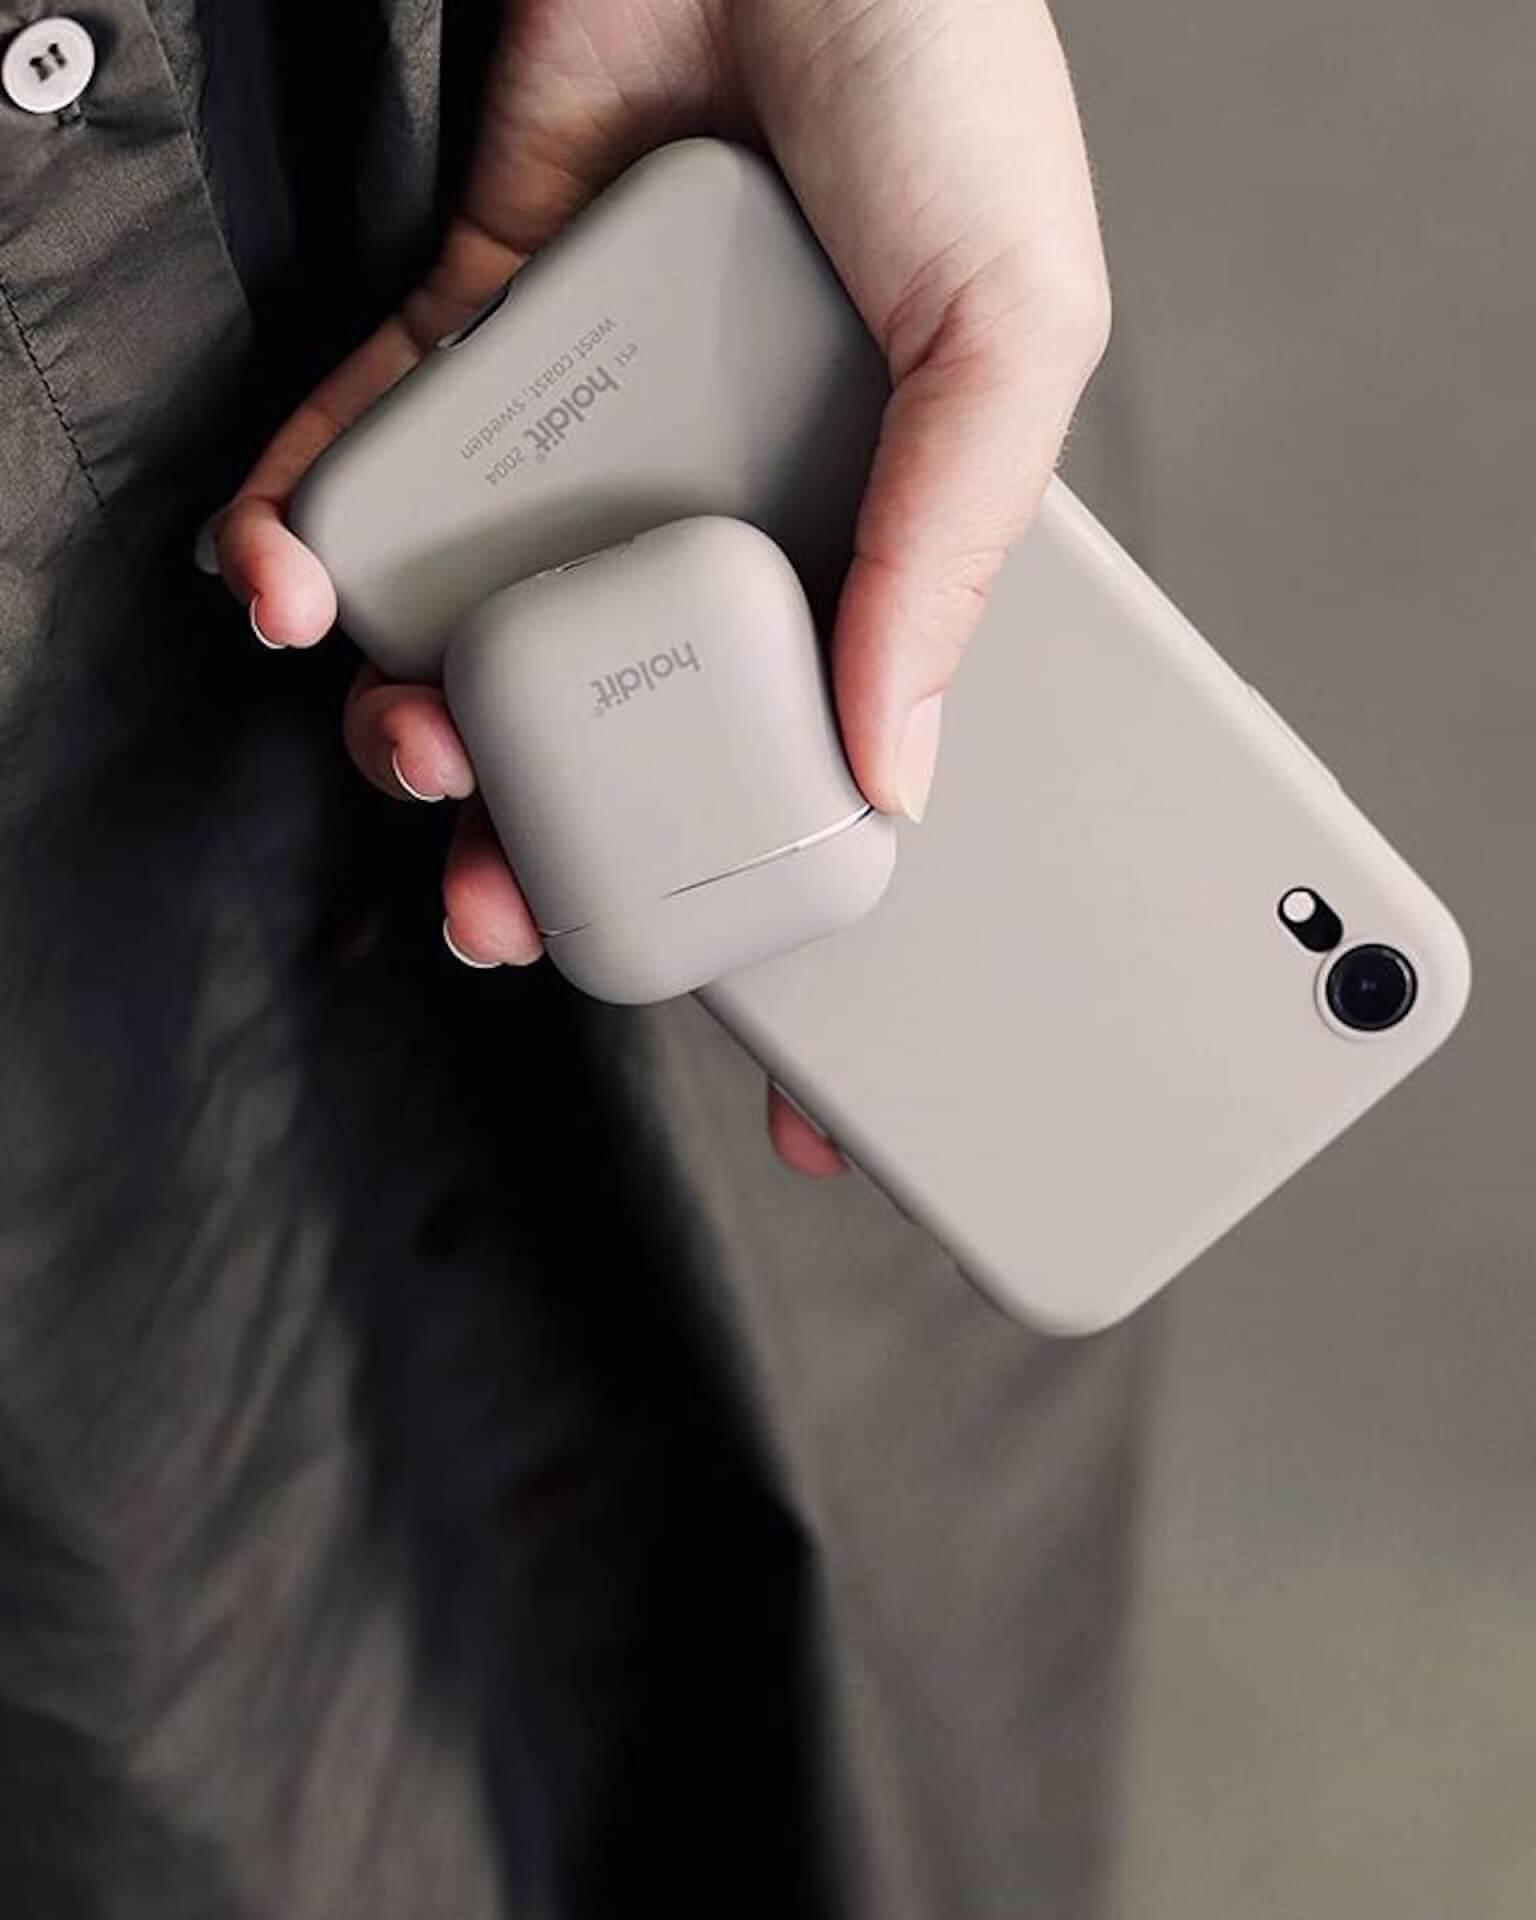 豊富なカラーバリエーションが人気のHolditシリコンケースにiPhone 12シリーズ専用ケースが登場! tech201022_iphone12_case_4